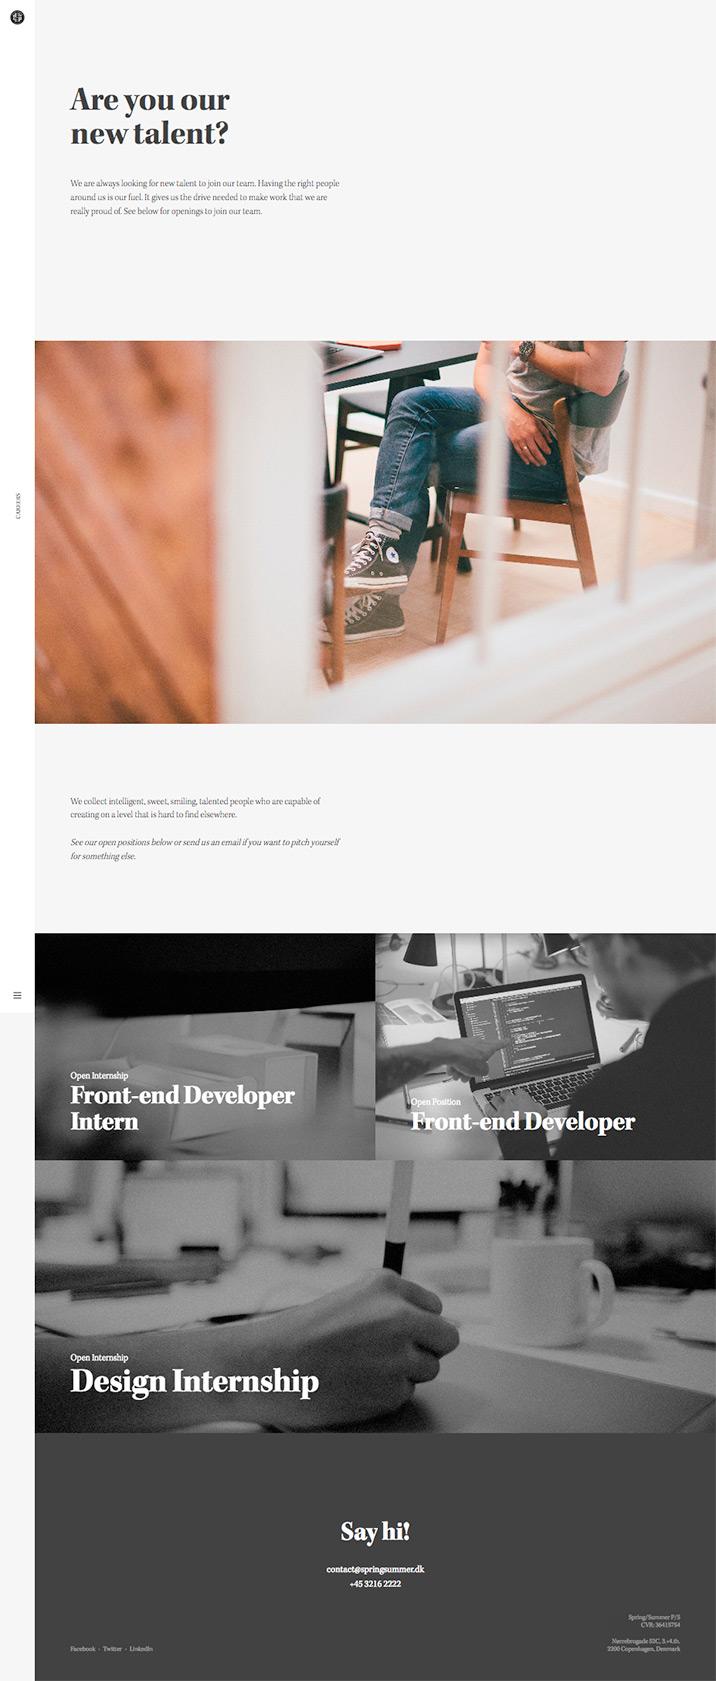 Deconstrukt 6 20 Top Jobs Career Page Designs